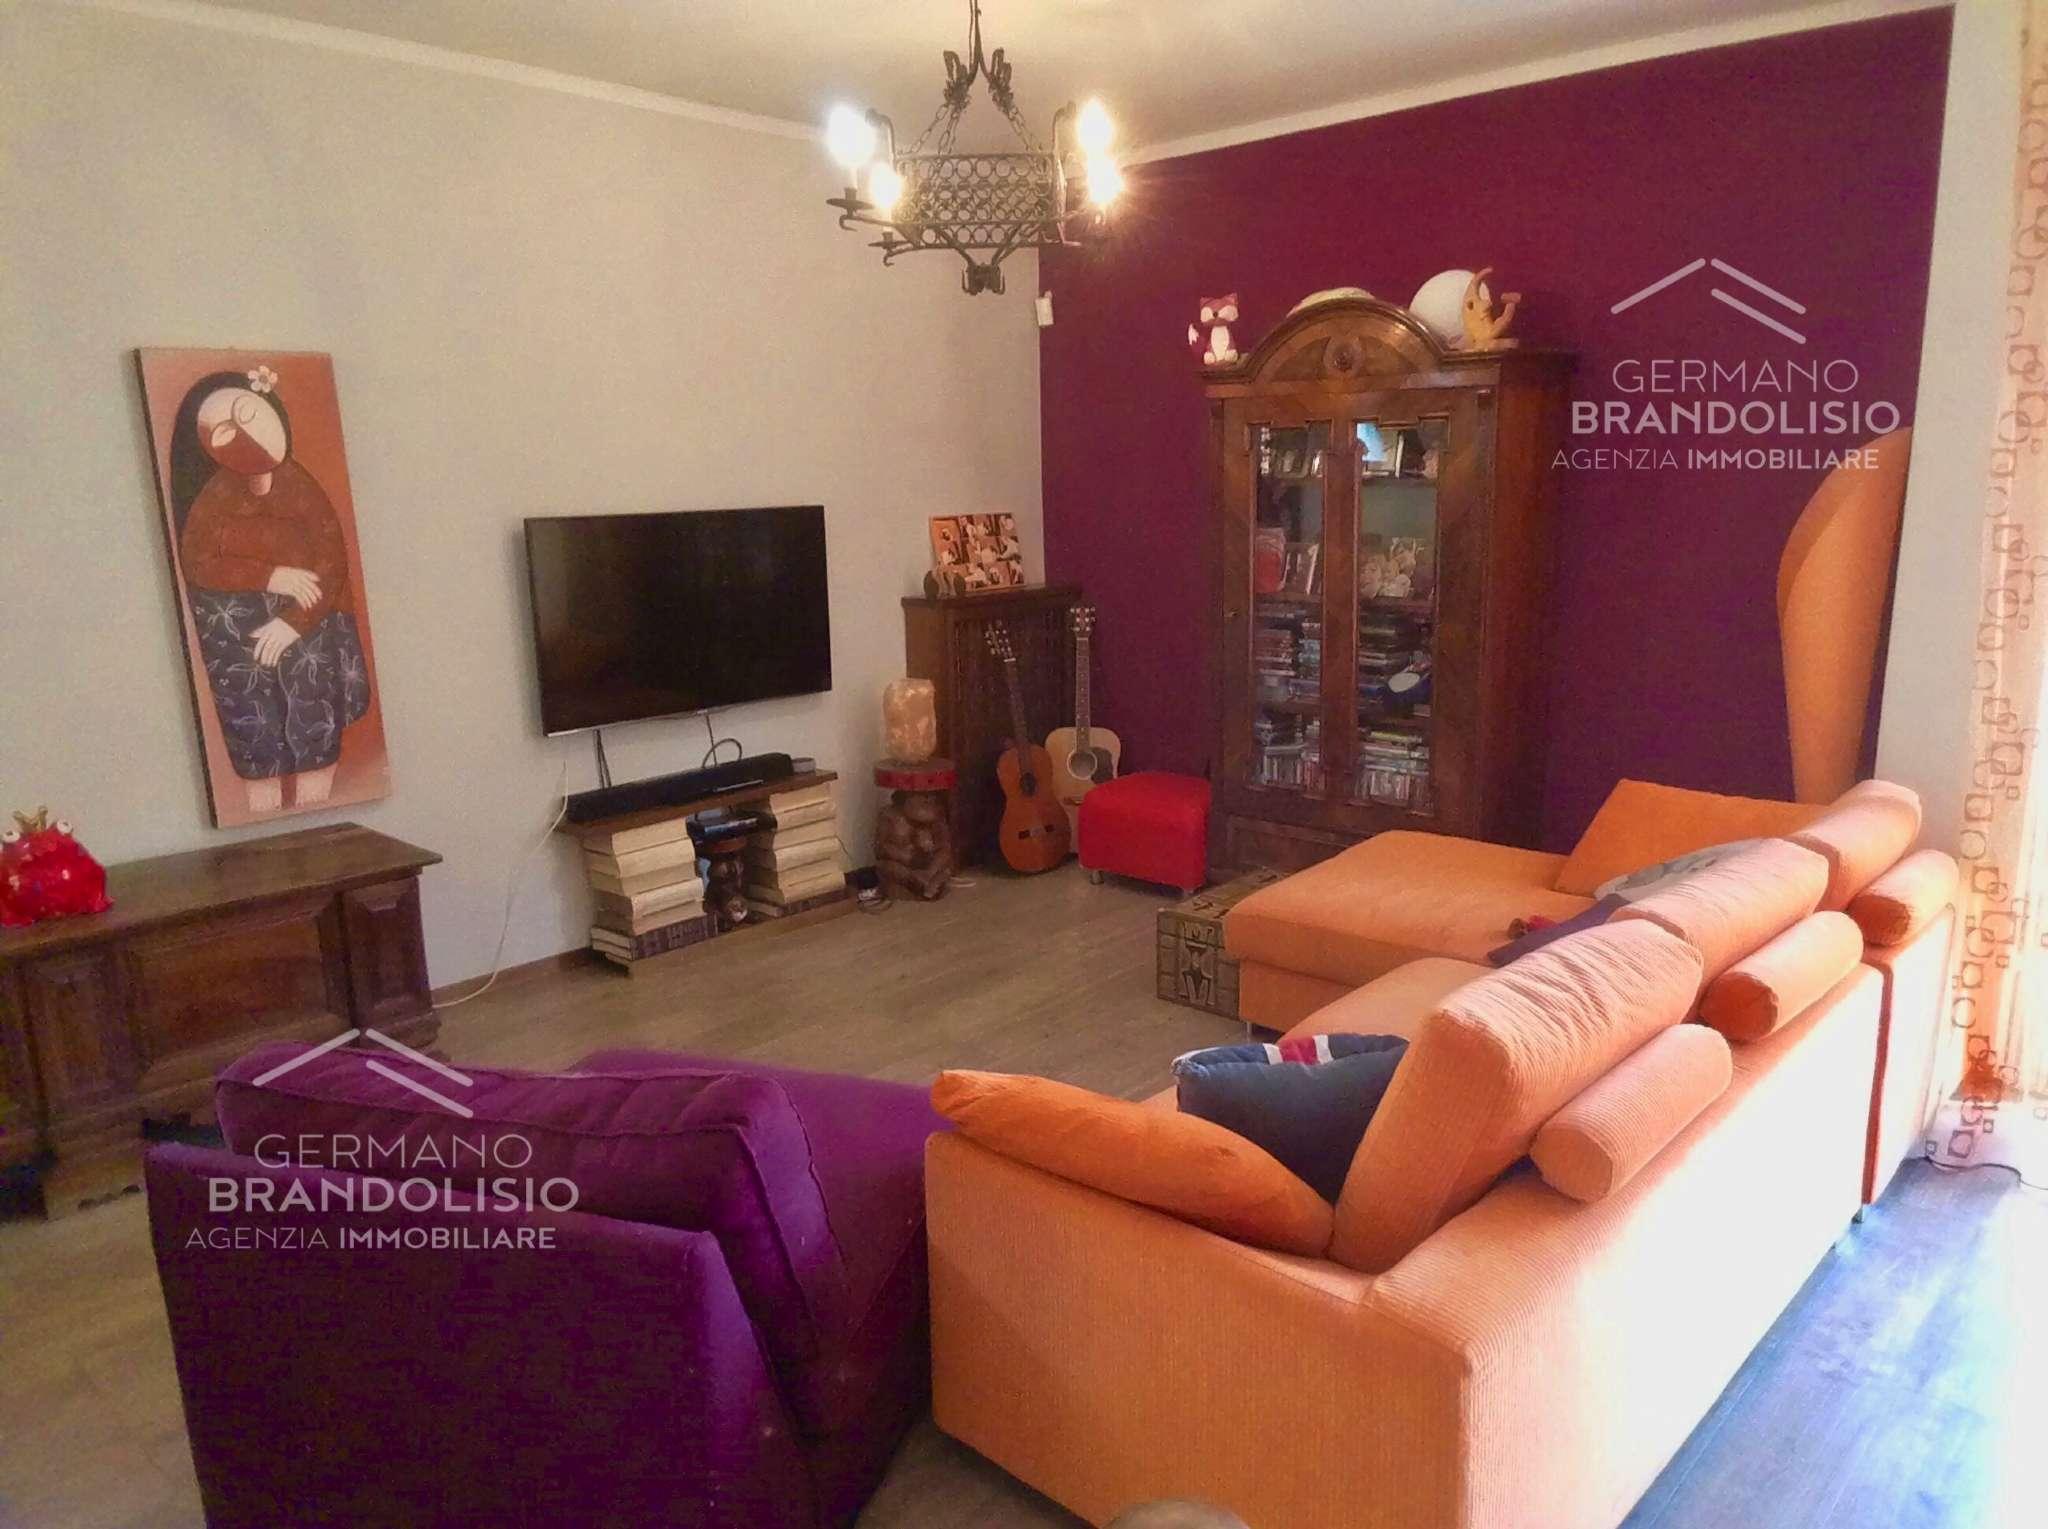 Soluzione Semindipendente in vendita a Mogliano Veneto, 5 locali, prezzo € 238.000 | CambioCasa.it